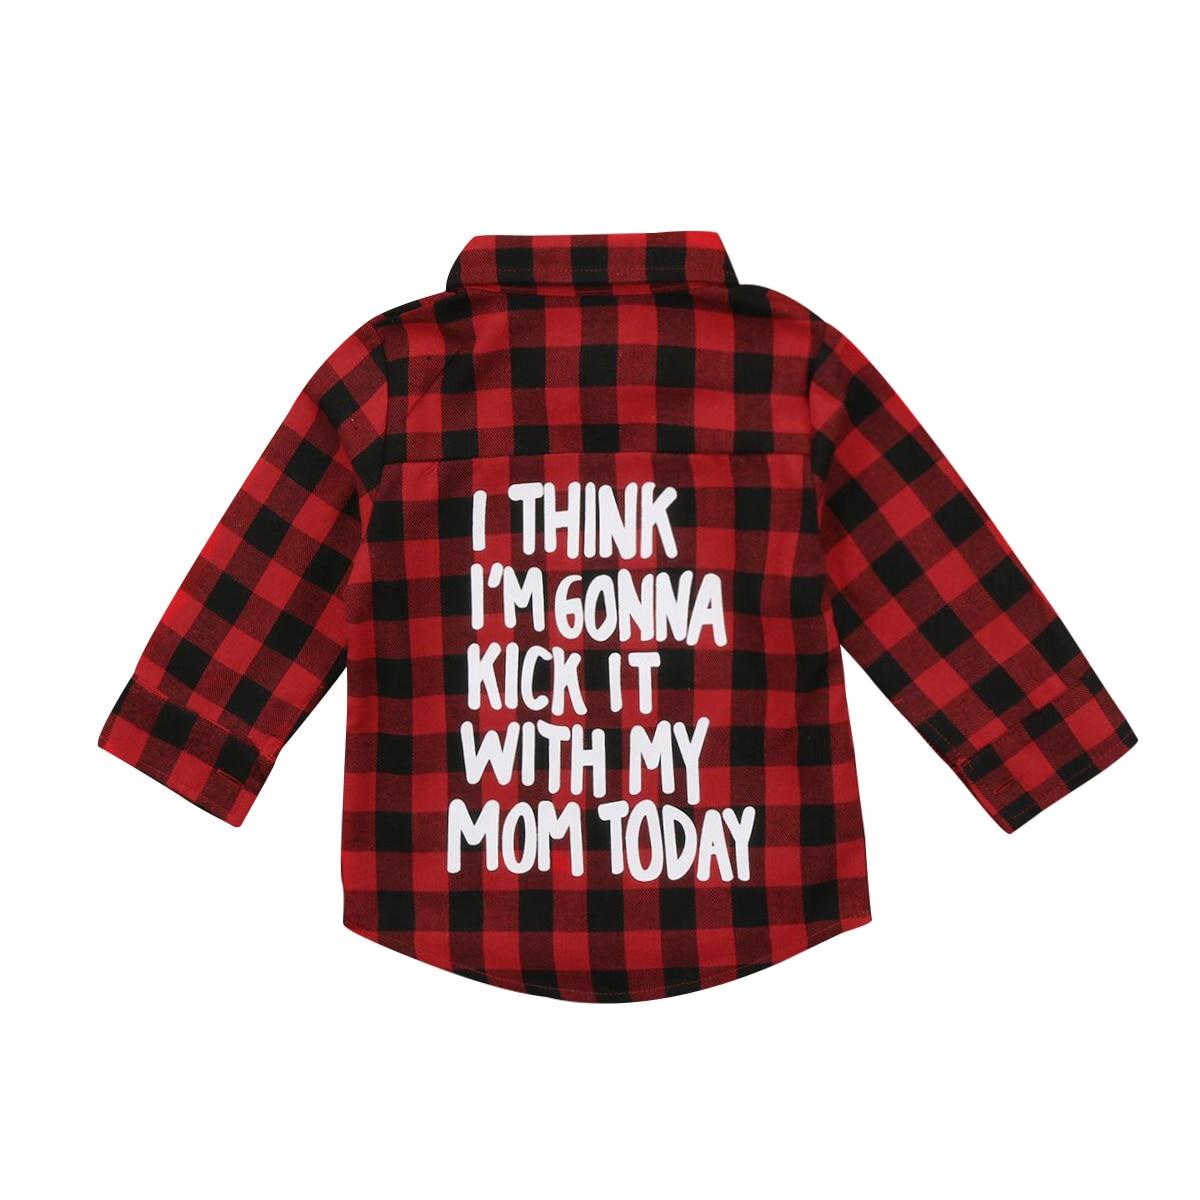 -sette Anni Plaid Rosso Moda Bambino Bambini Ragazzo Ragazza Maglie A Manica Lunga Lettera Indietro Stampa Tee Tops Abbigliamento 2018 Nuovo L'Ultima Moda